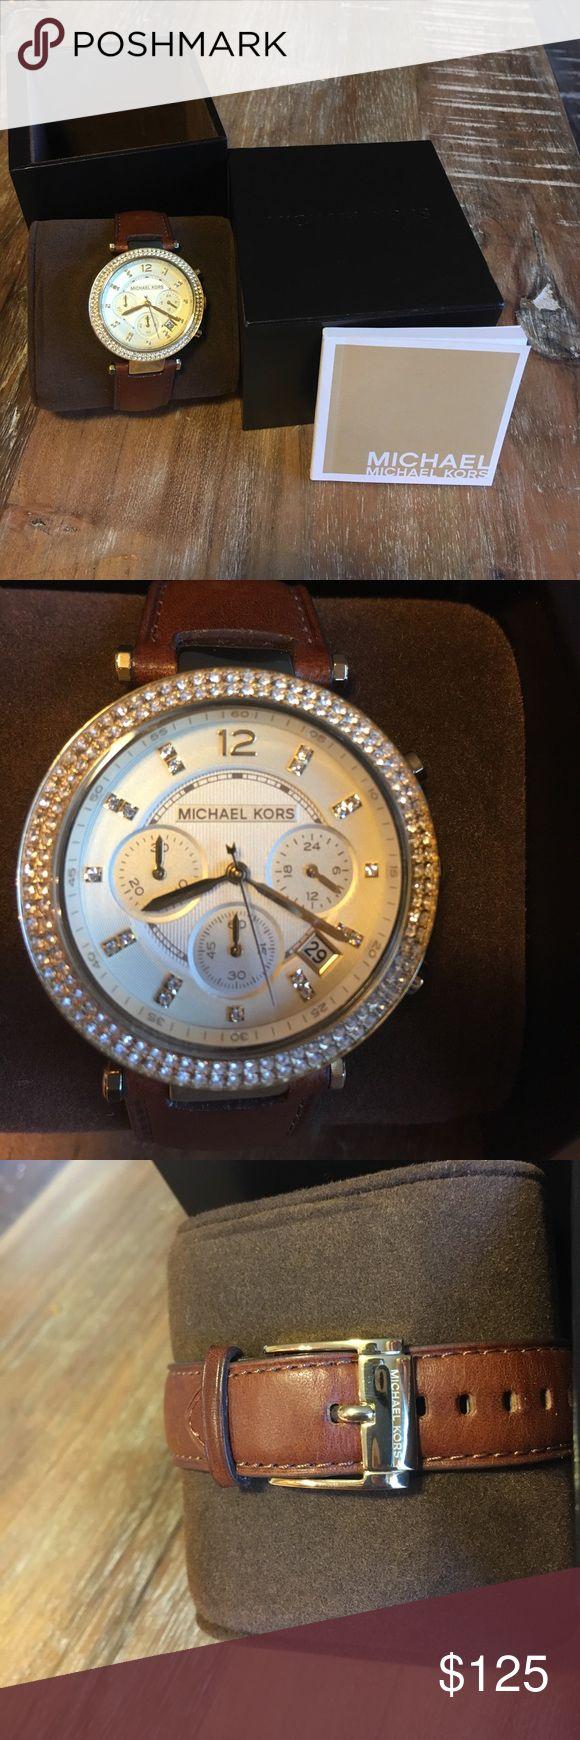 michael kors wallets on sale ebay michael kors uk watch